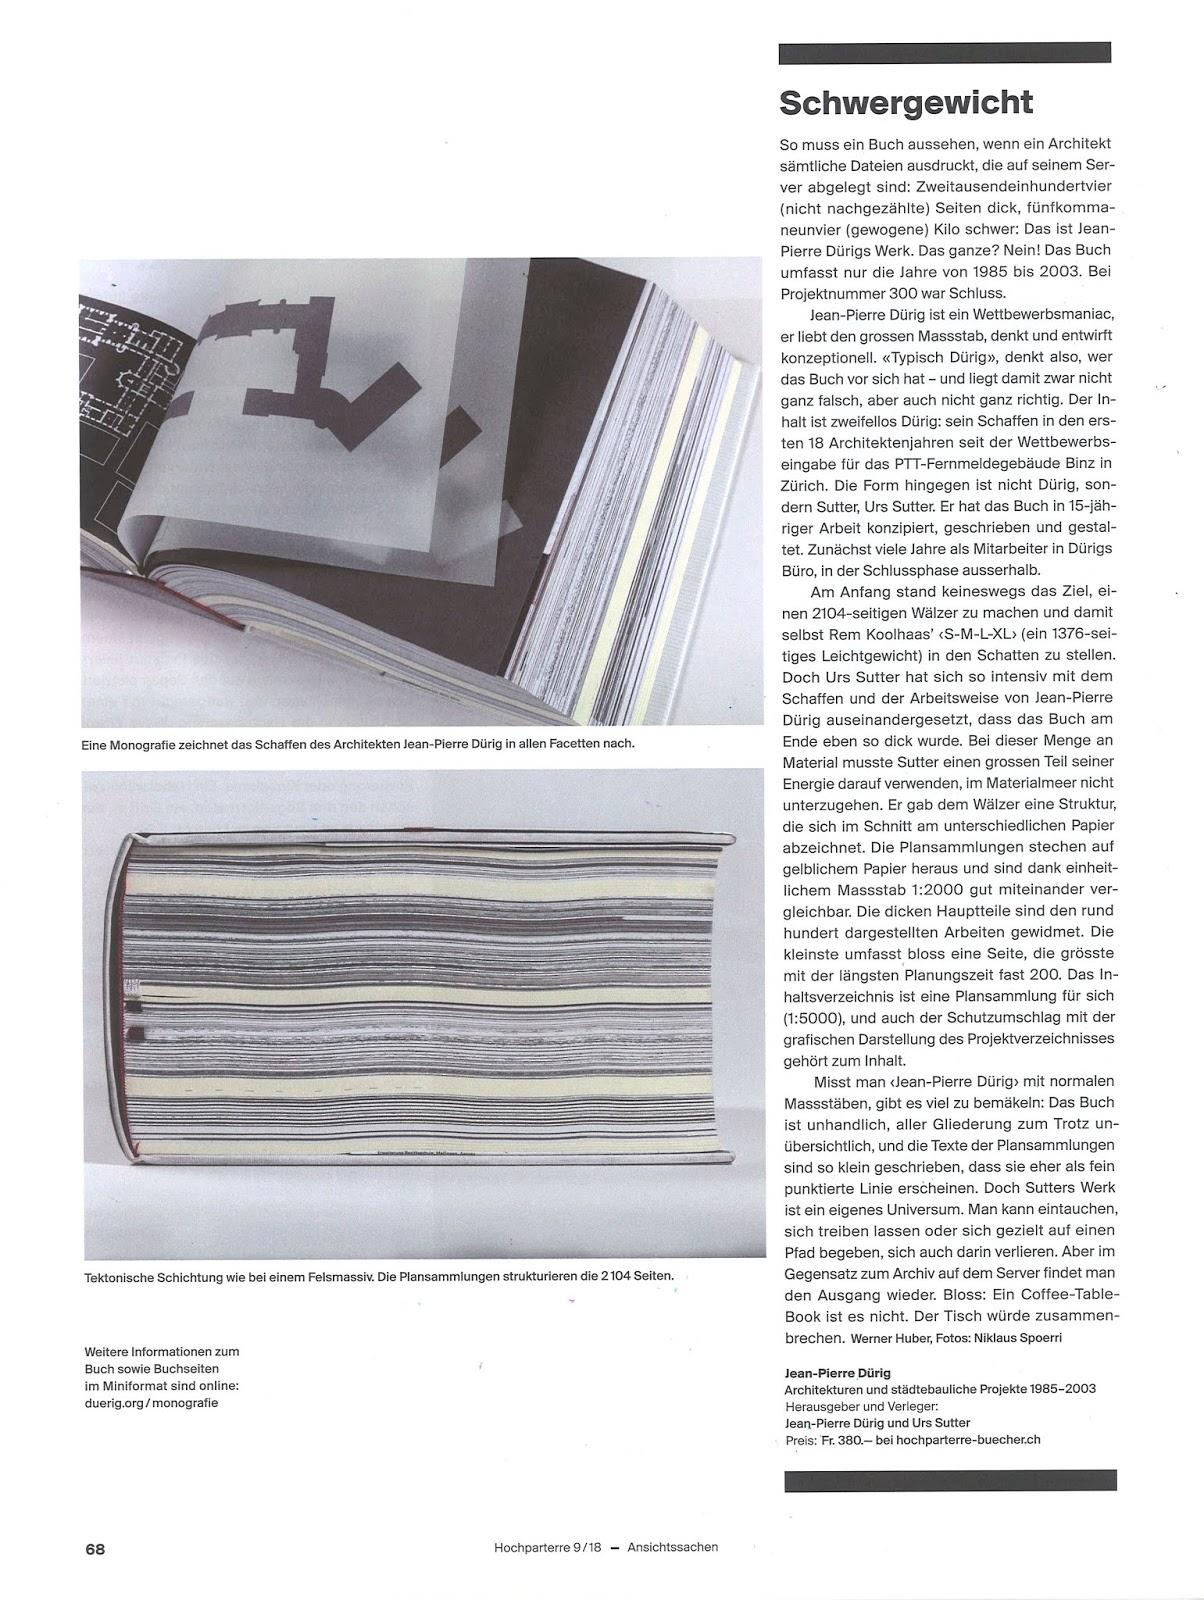 Artikel über Die Monografie Jean Pierre Dürig 1985 2003. Konzept, Text Und  Gestaltung Buch: Urs Sutter